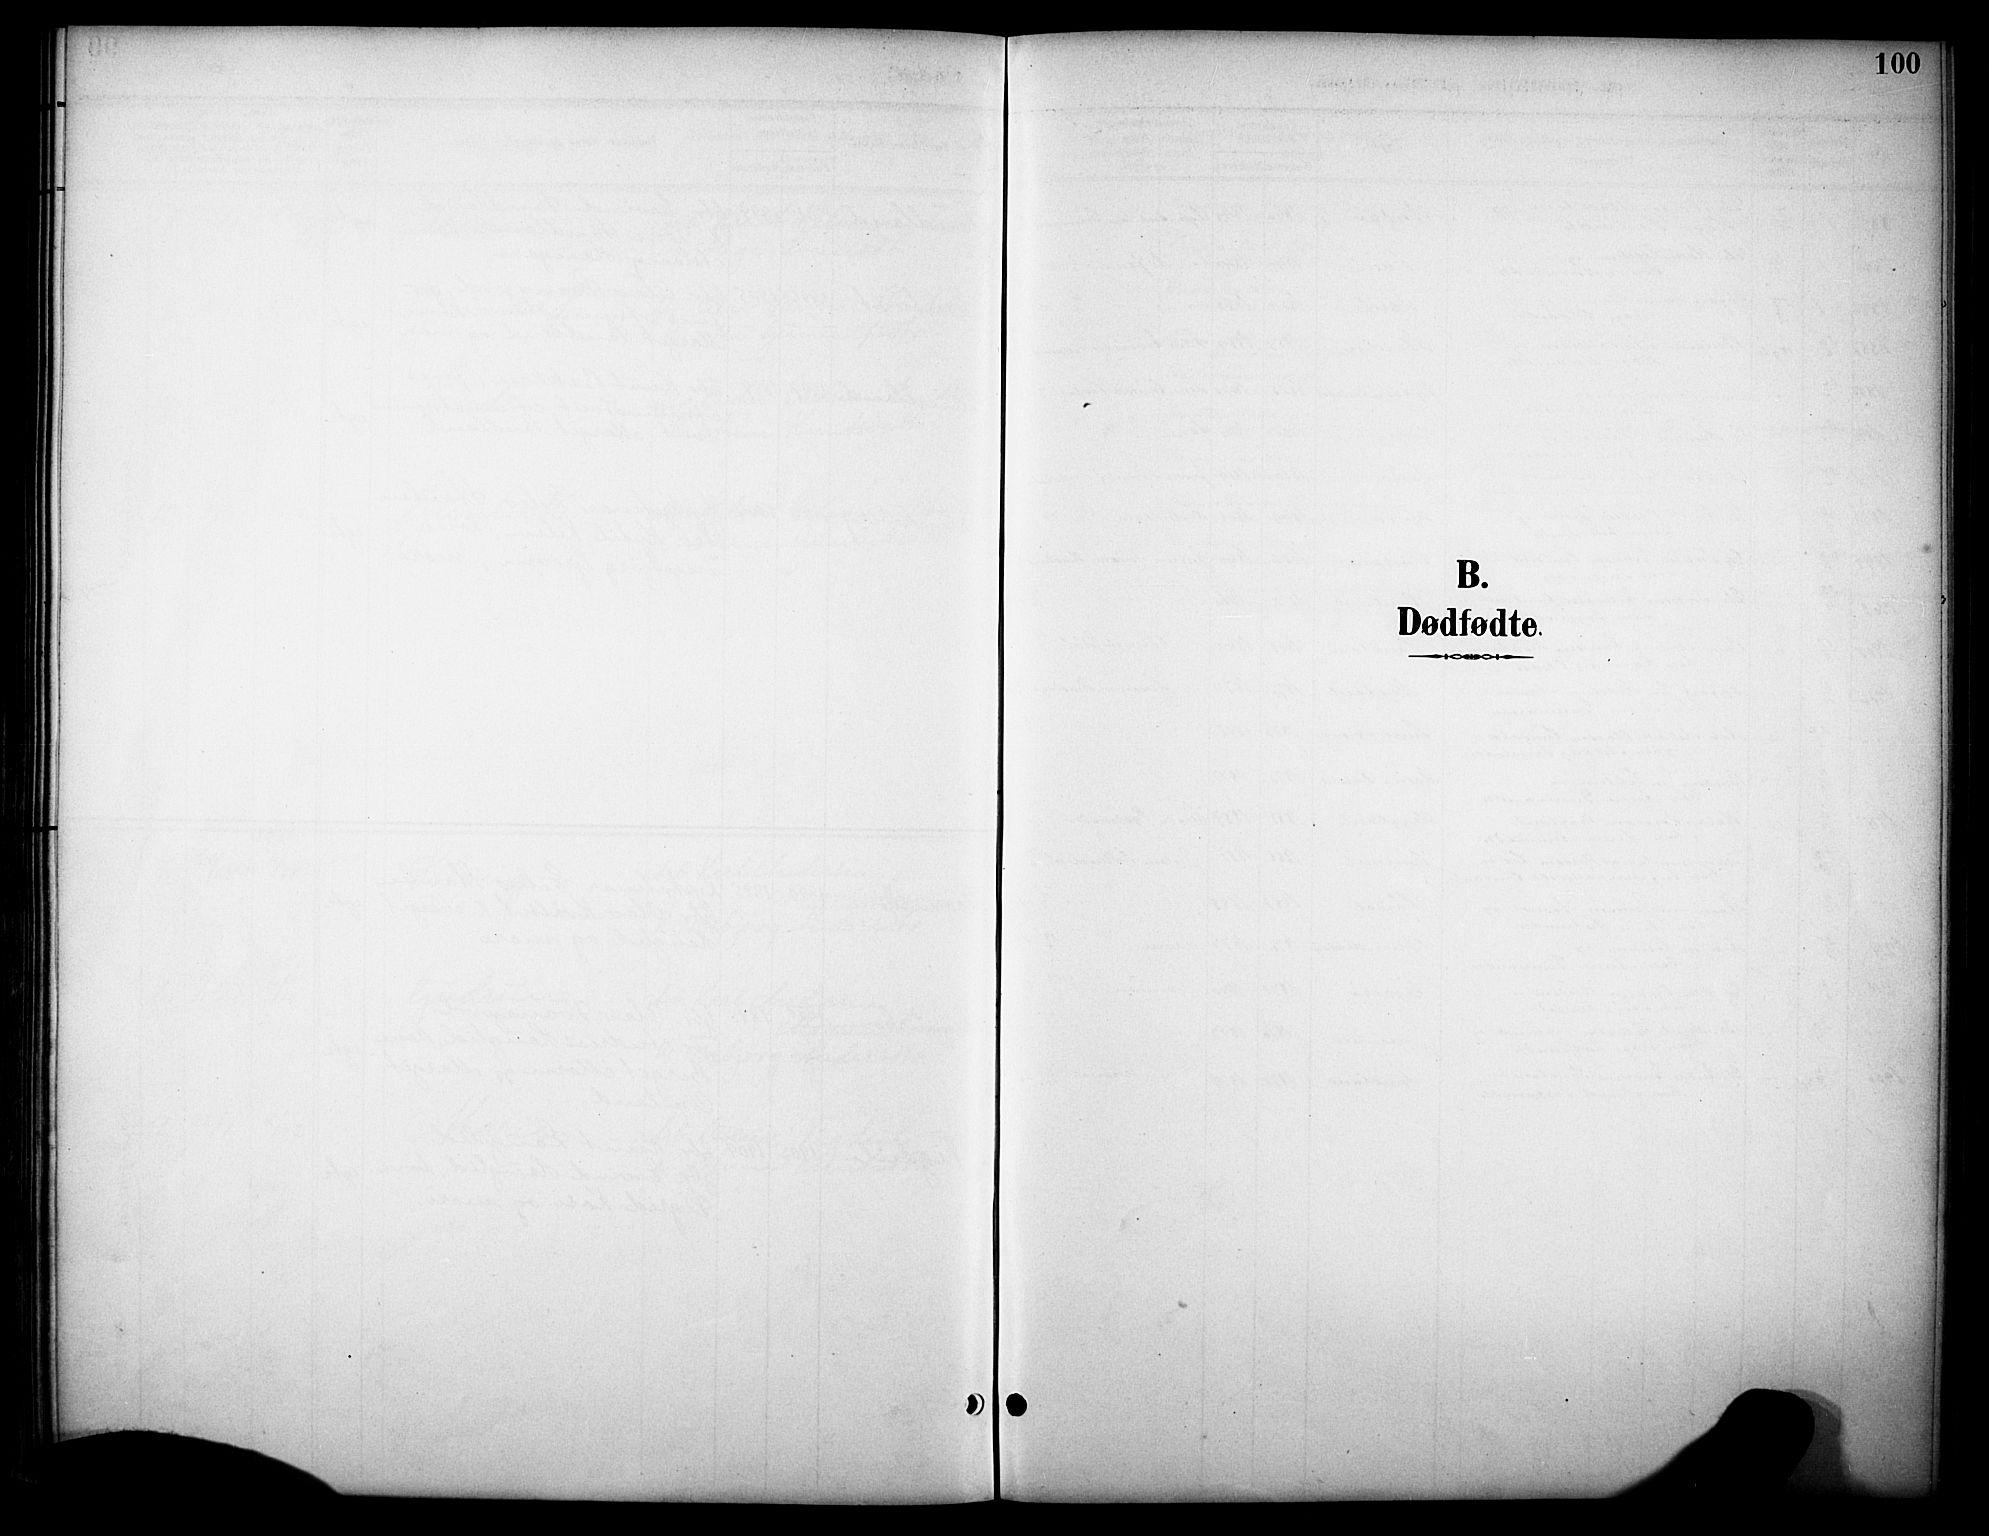 SAKO, Kviteseid kirkebøker, G/Gb/L0003: Klokkerbok nr. II 3, 1893-1933, s. 100